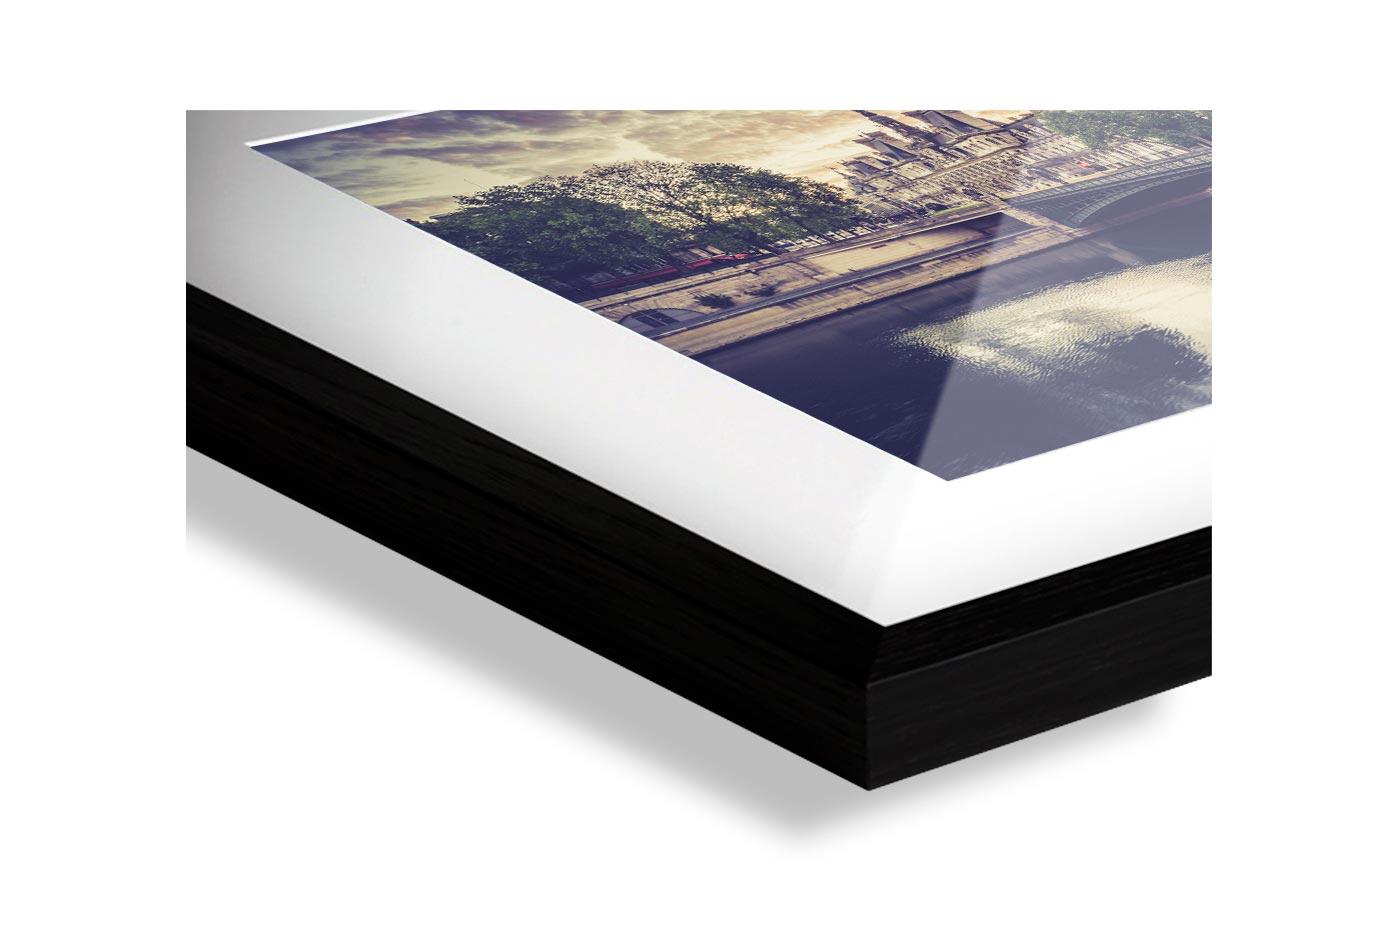 Profil cadre galerie Paris 6H31